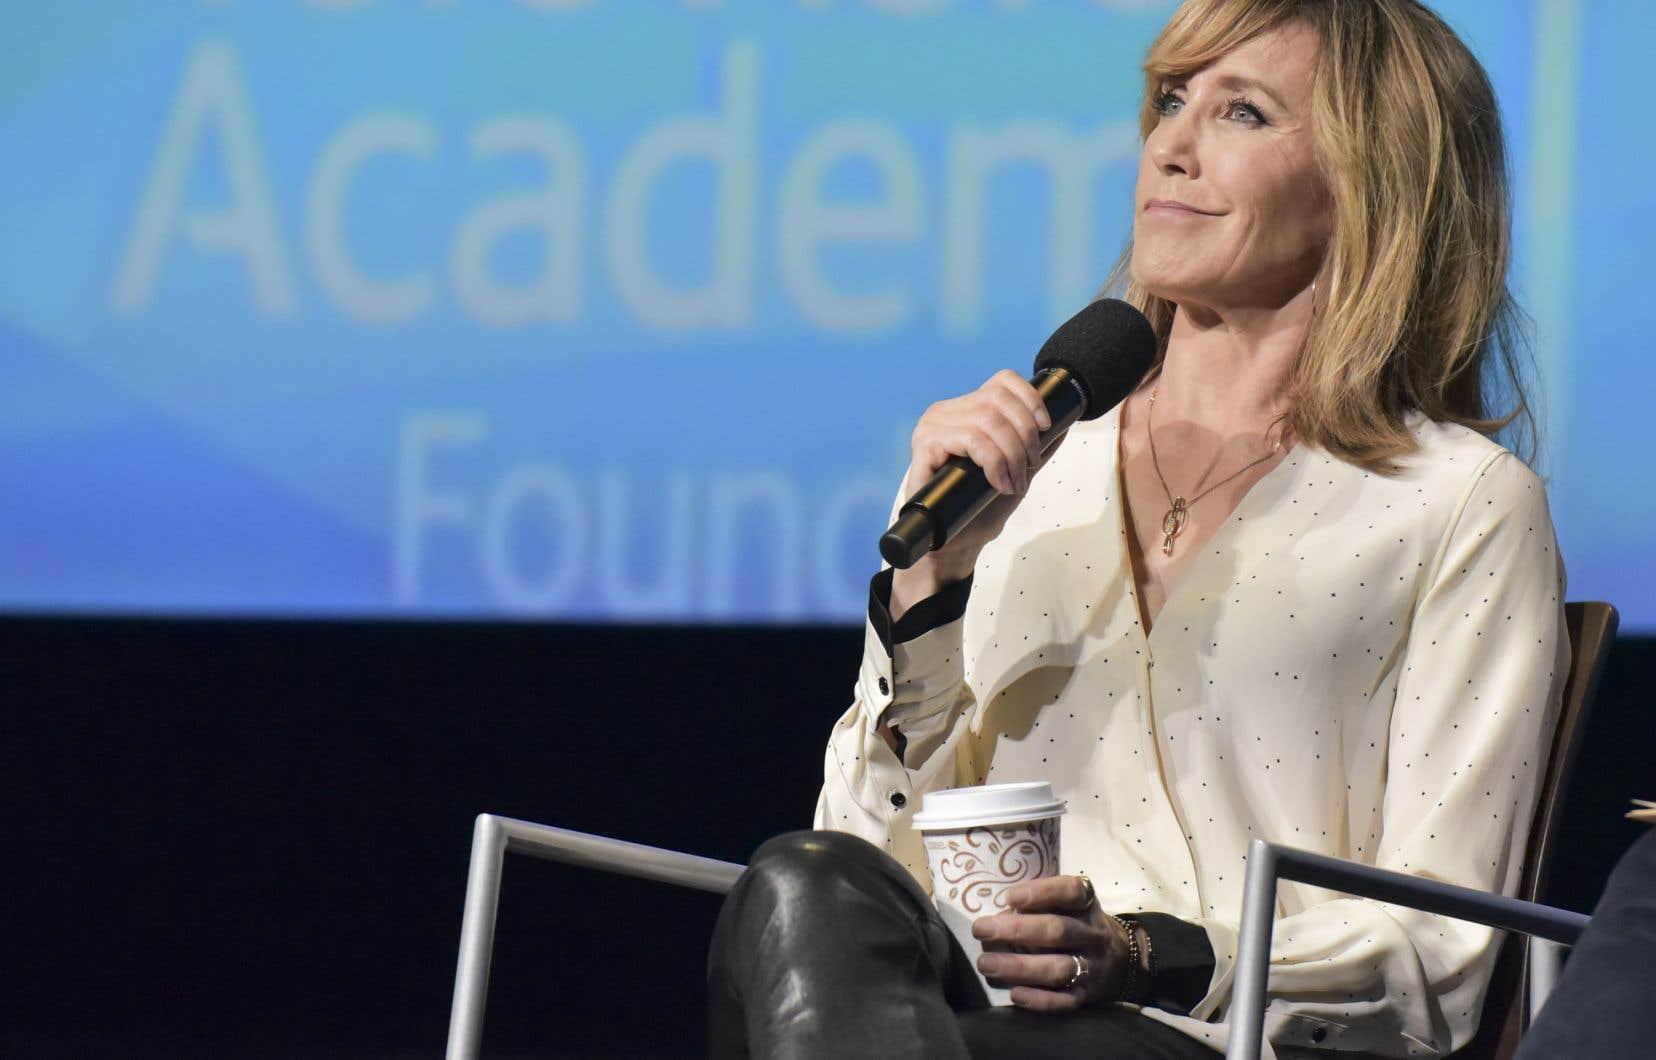 L'actrice Felicity Huffman compte parmi les vedettes ont été accusées mardi dans une affaire de pots-de-vin.